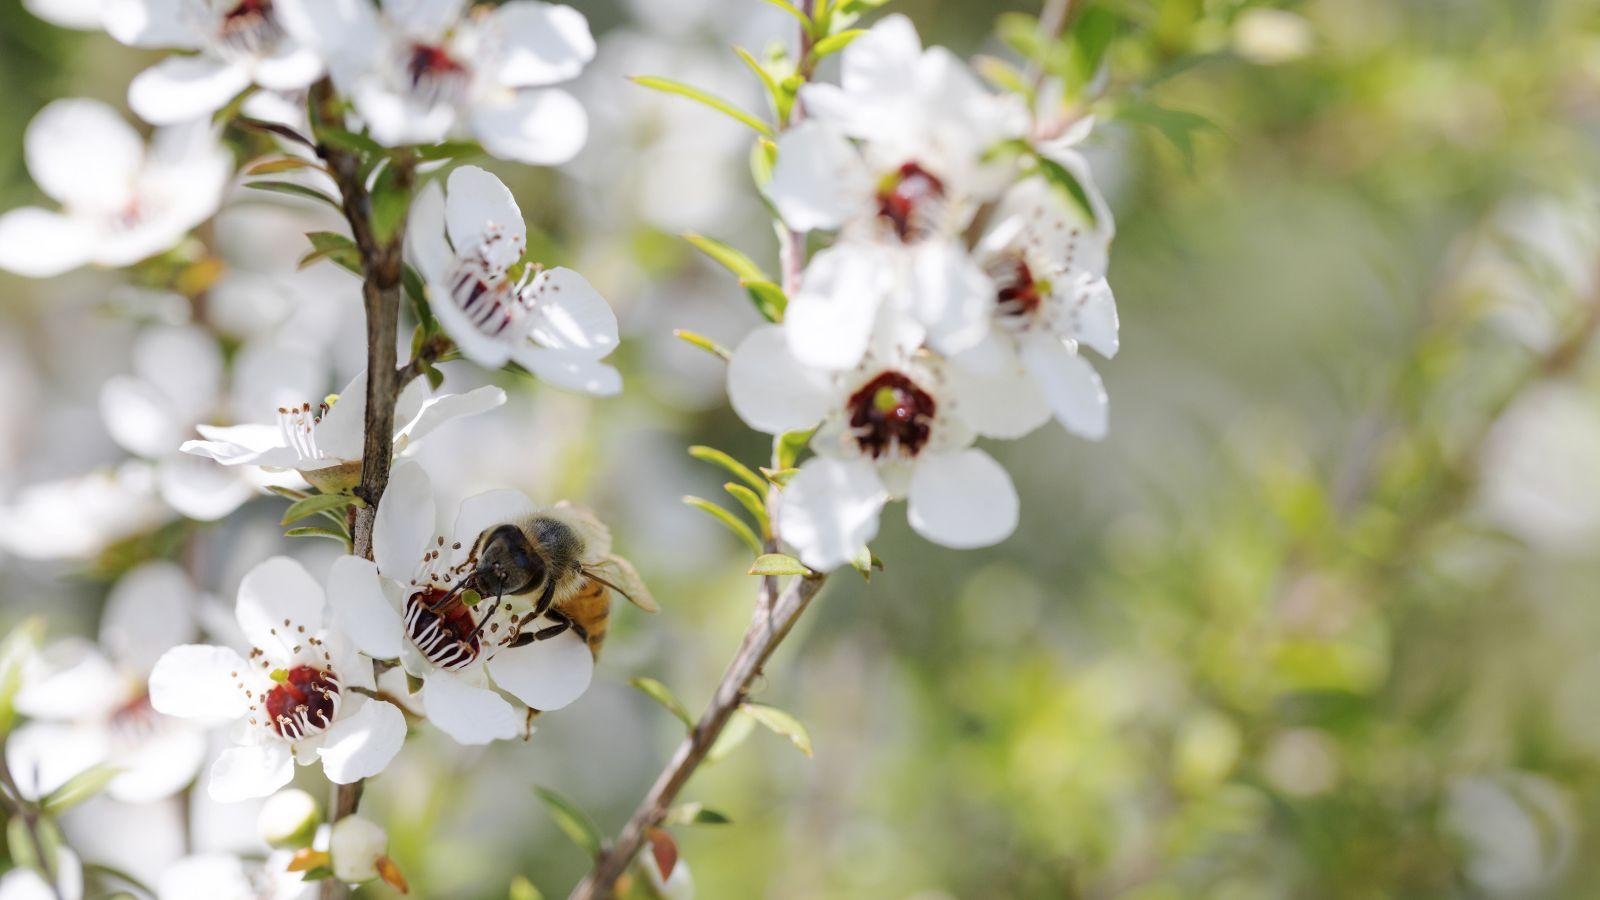 Honey bee on Manuka blossom.